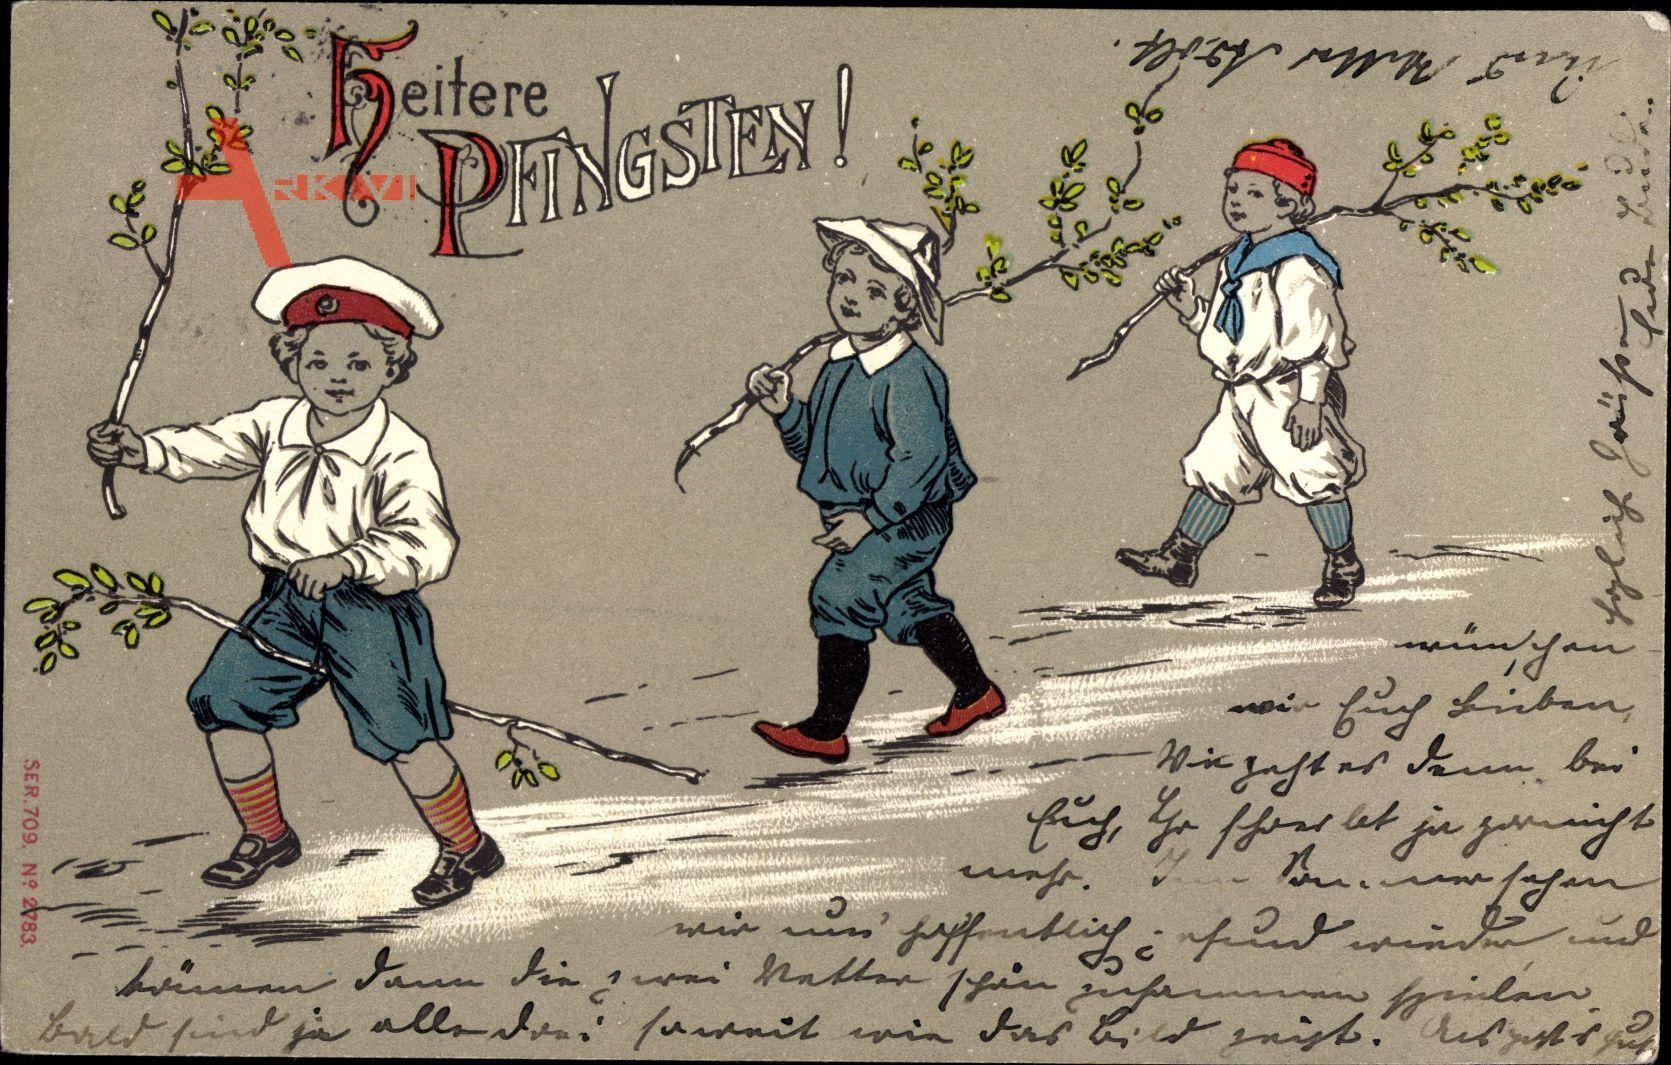 Glückwunsch Pfingsten, Drei Kinder mit Birkenästen